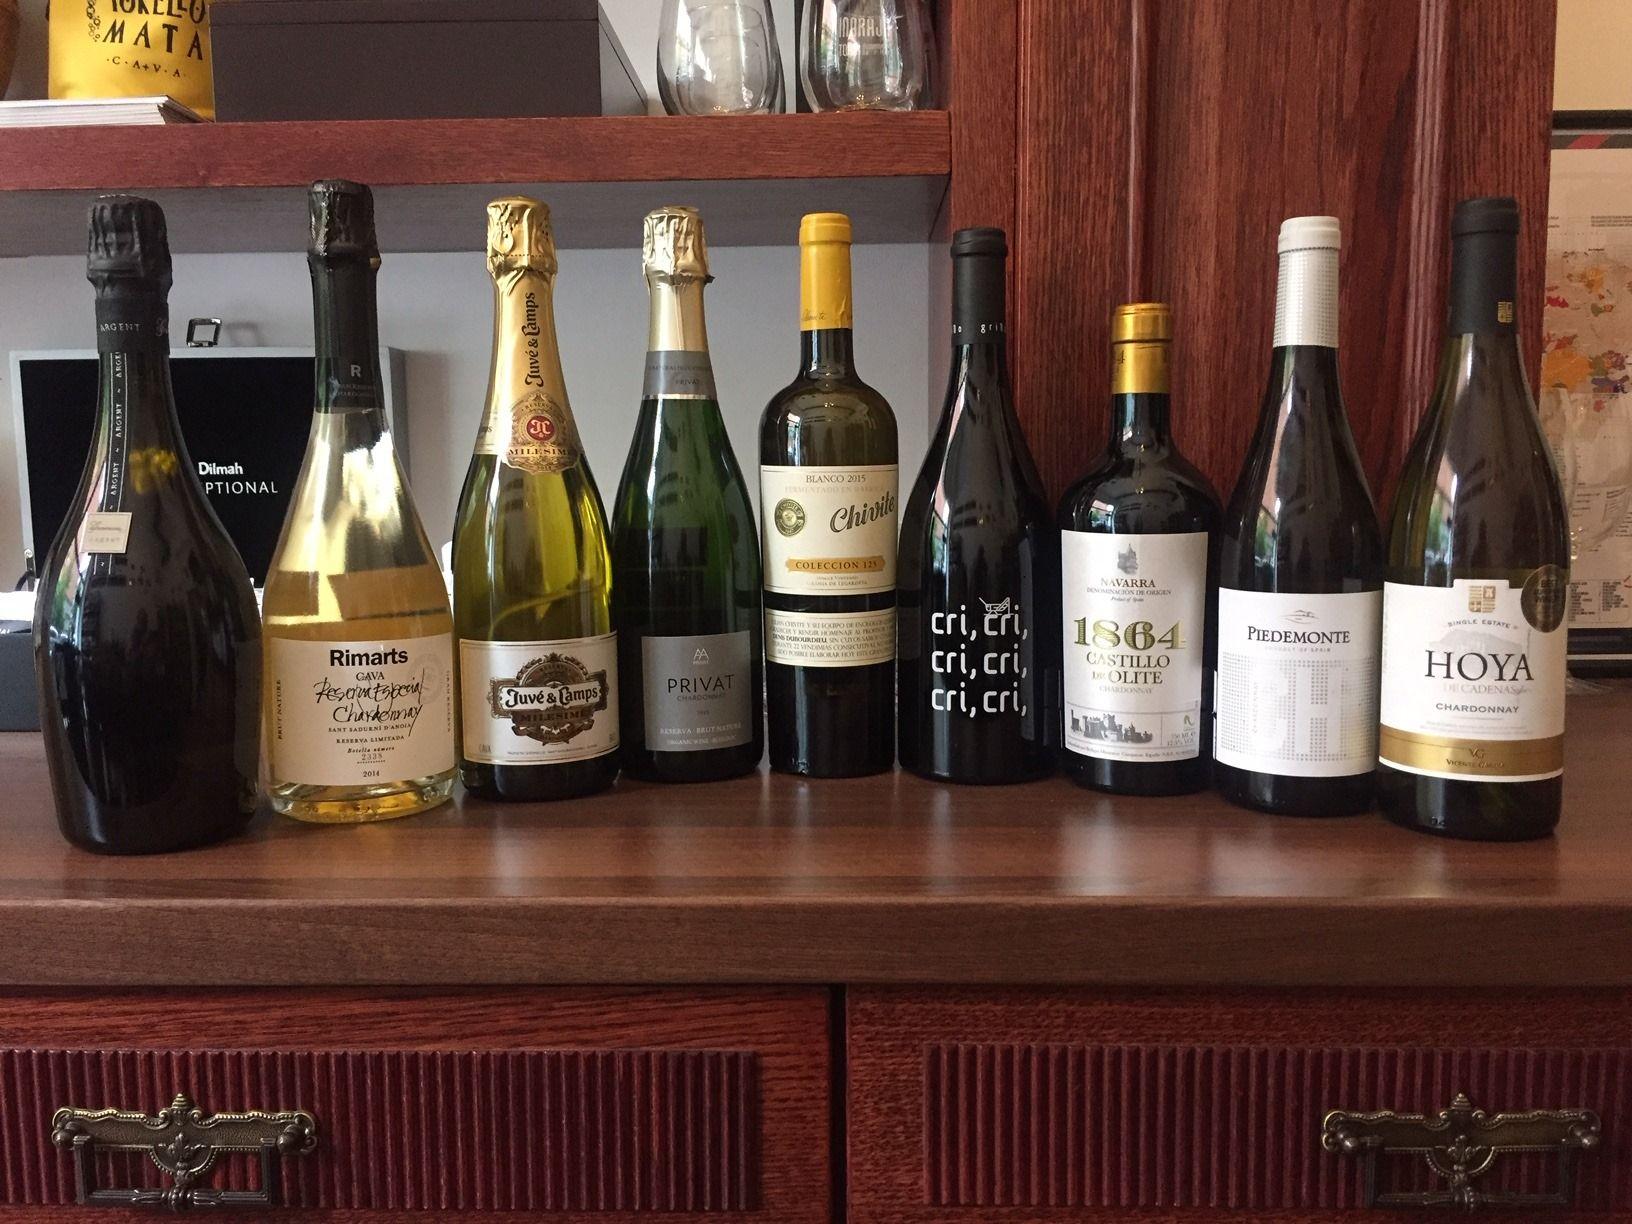 vinocastillochardonnay01.jpg